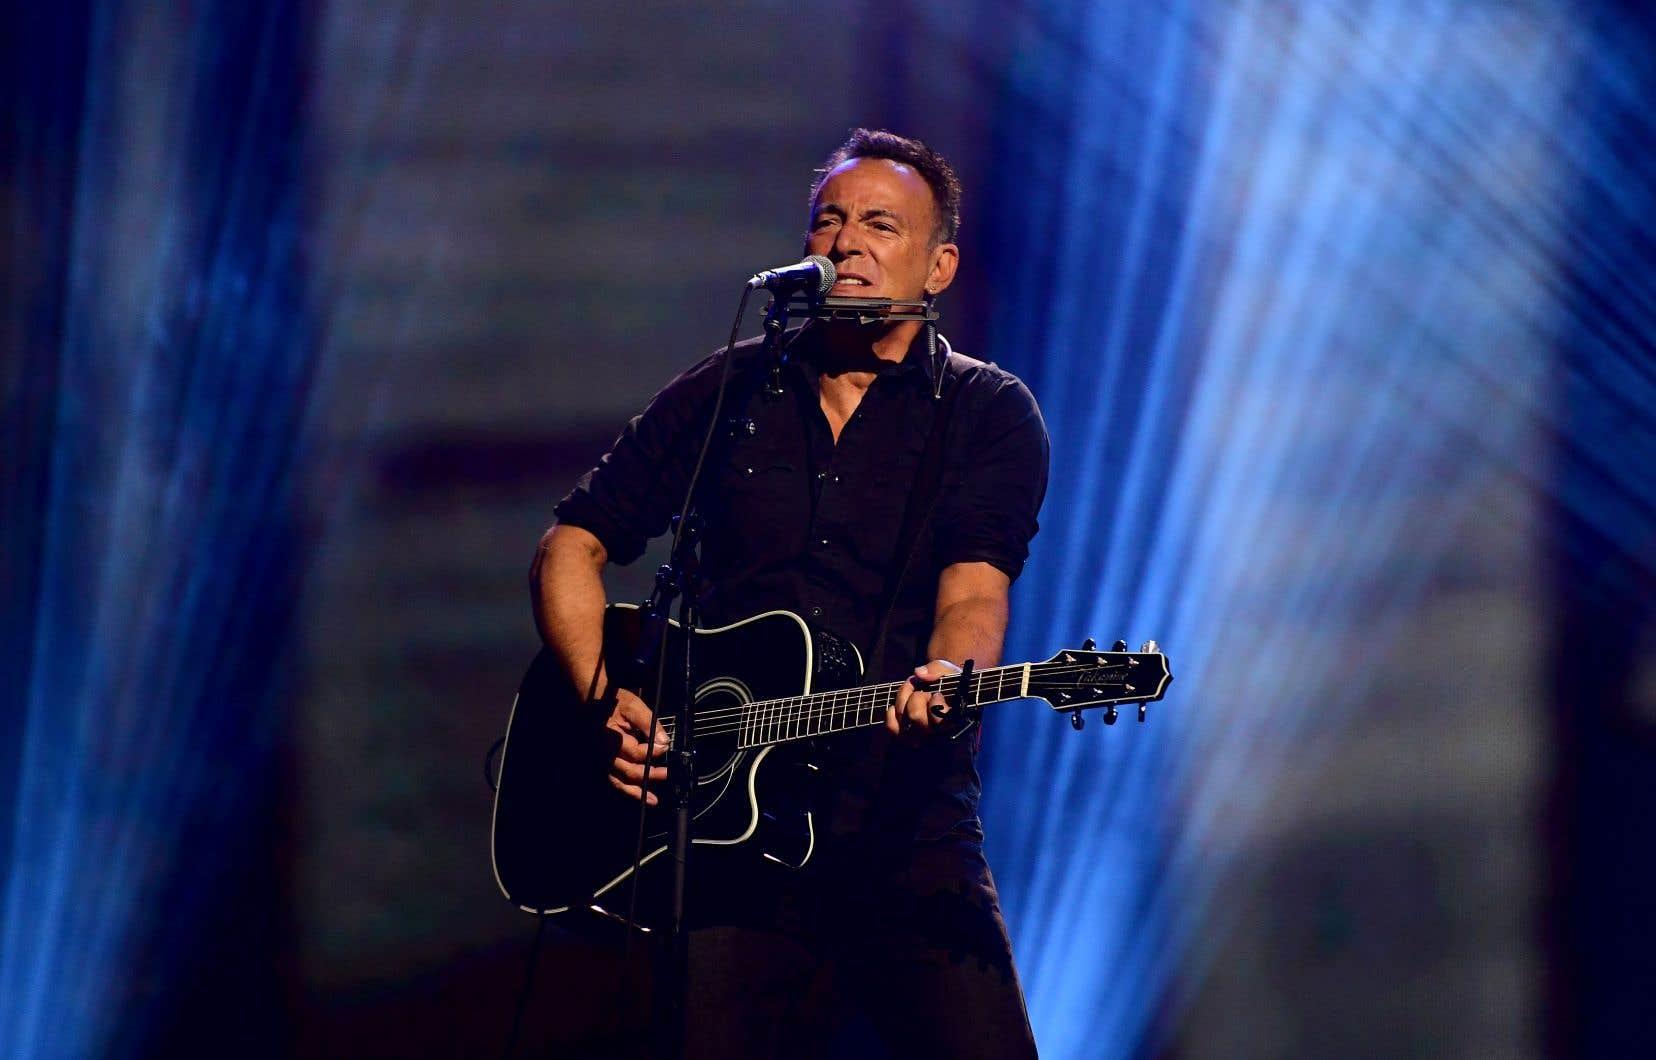 Bruce Springsteen aura lui aussi droit à un gala grâce à «Western Stars», de Thom Zimny, un documentaire tourné lors d'un concert lors duquel le musicien interprète les pièces de son album du même titre.